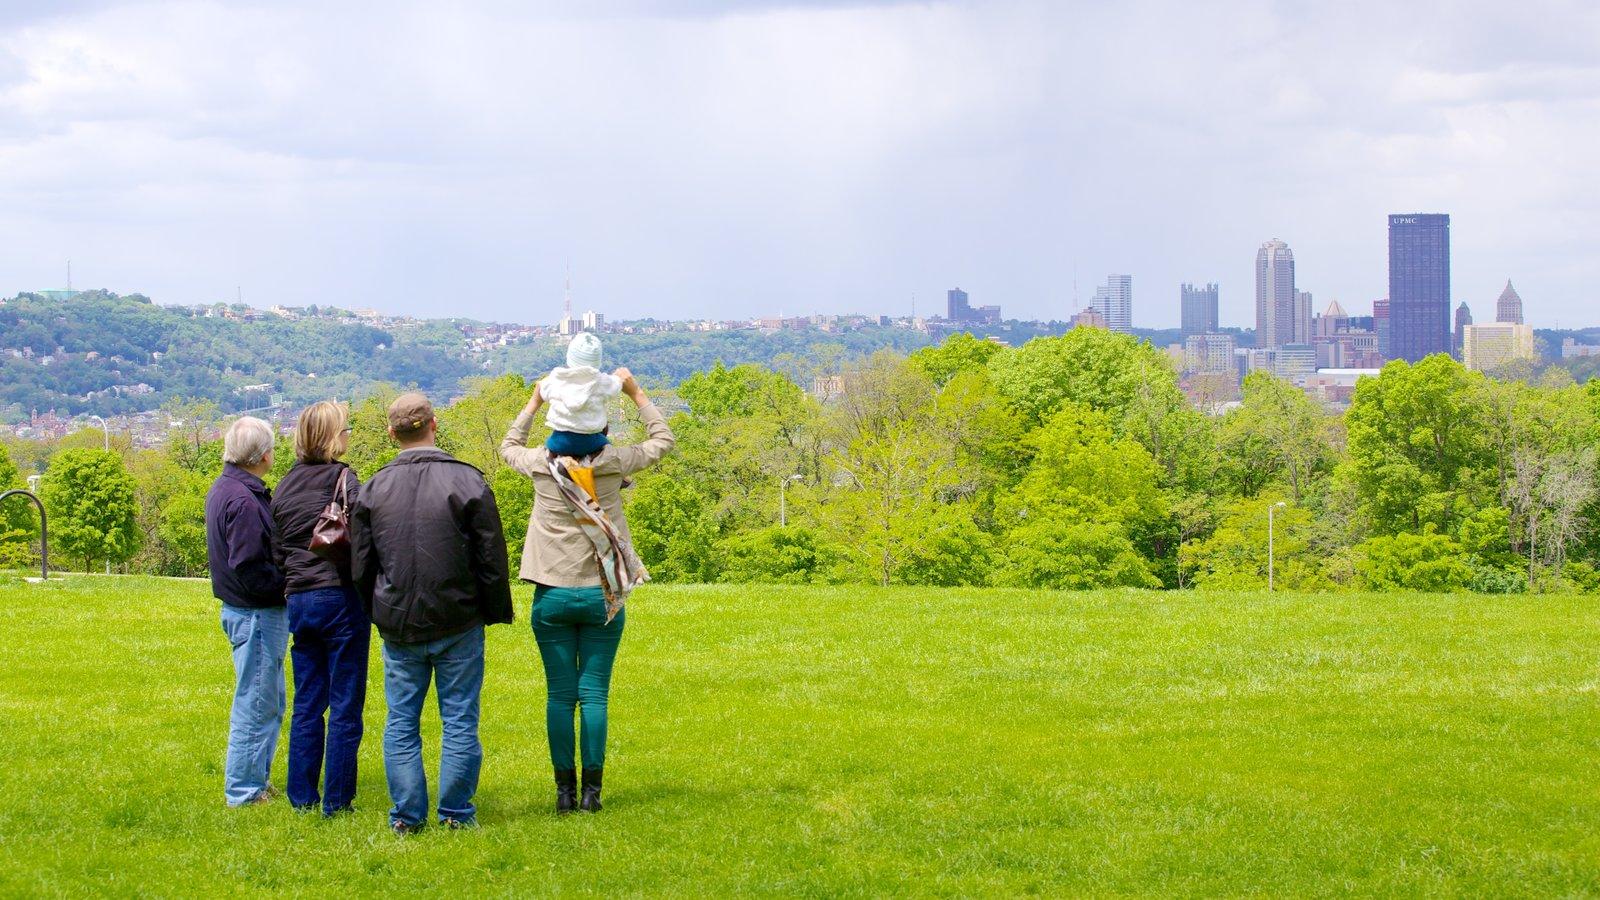 Schenley Park caracterizando linha do horizonte e um parque assim como um pequeno grupo de pessoas